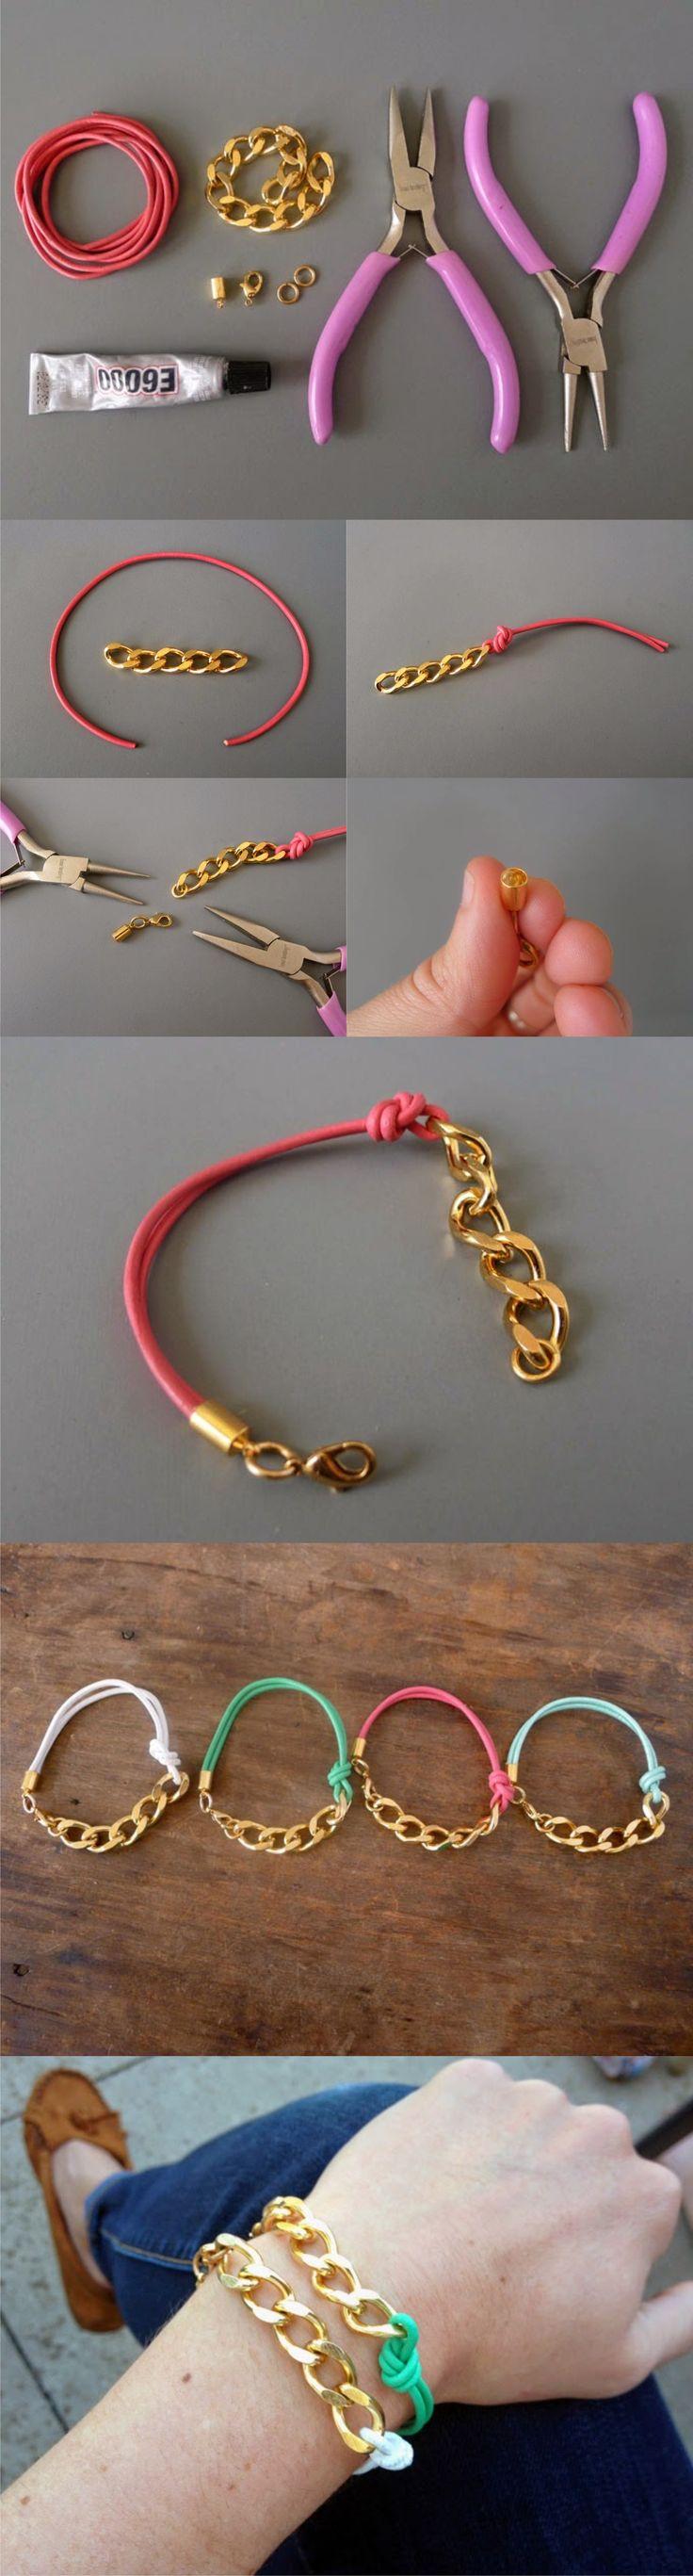 Pulsera con cadena y cordón de cuero / Via http://www.thanksimadeitblog.com